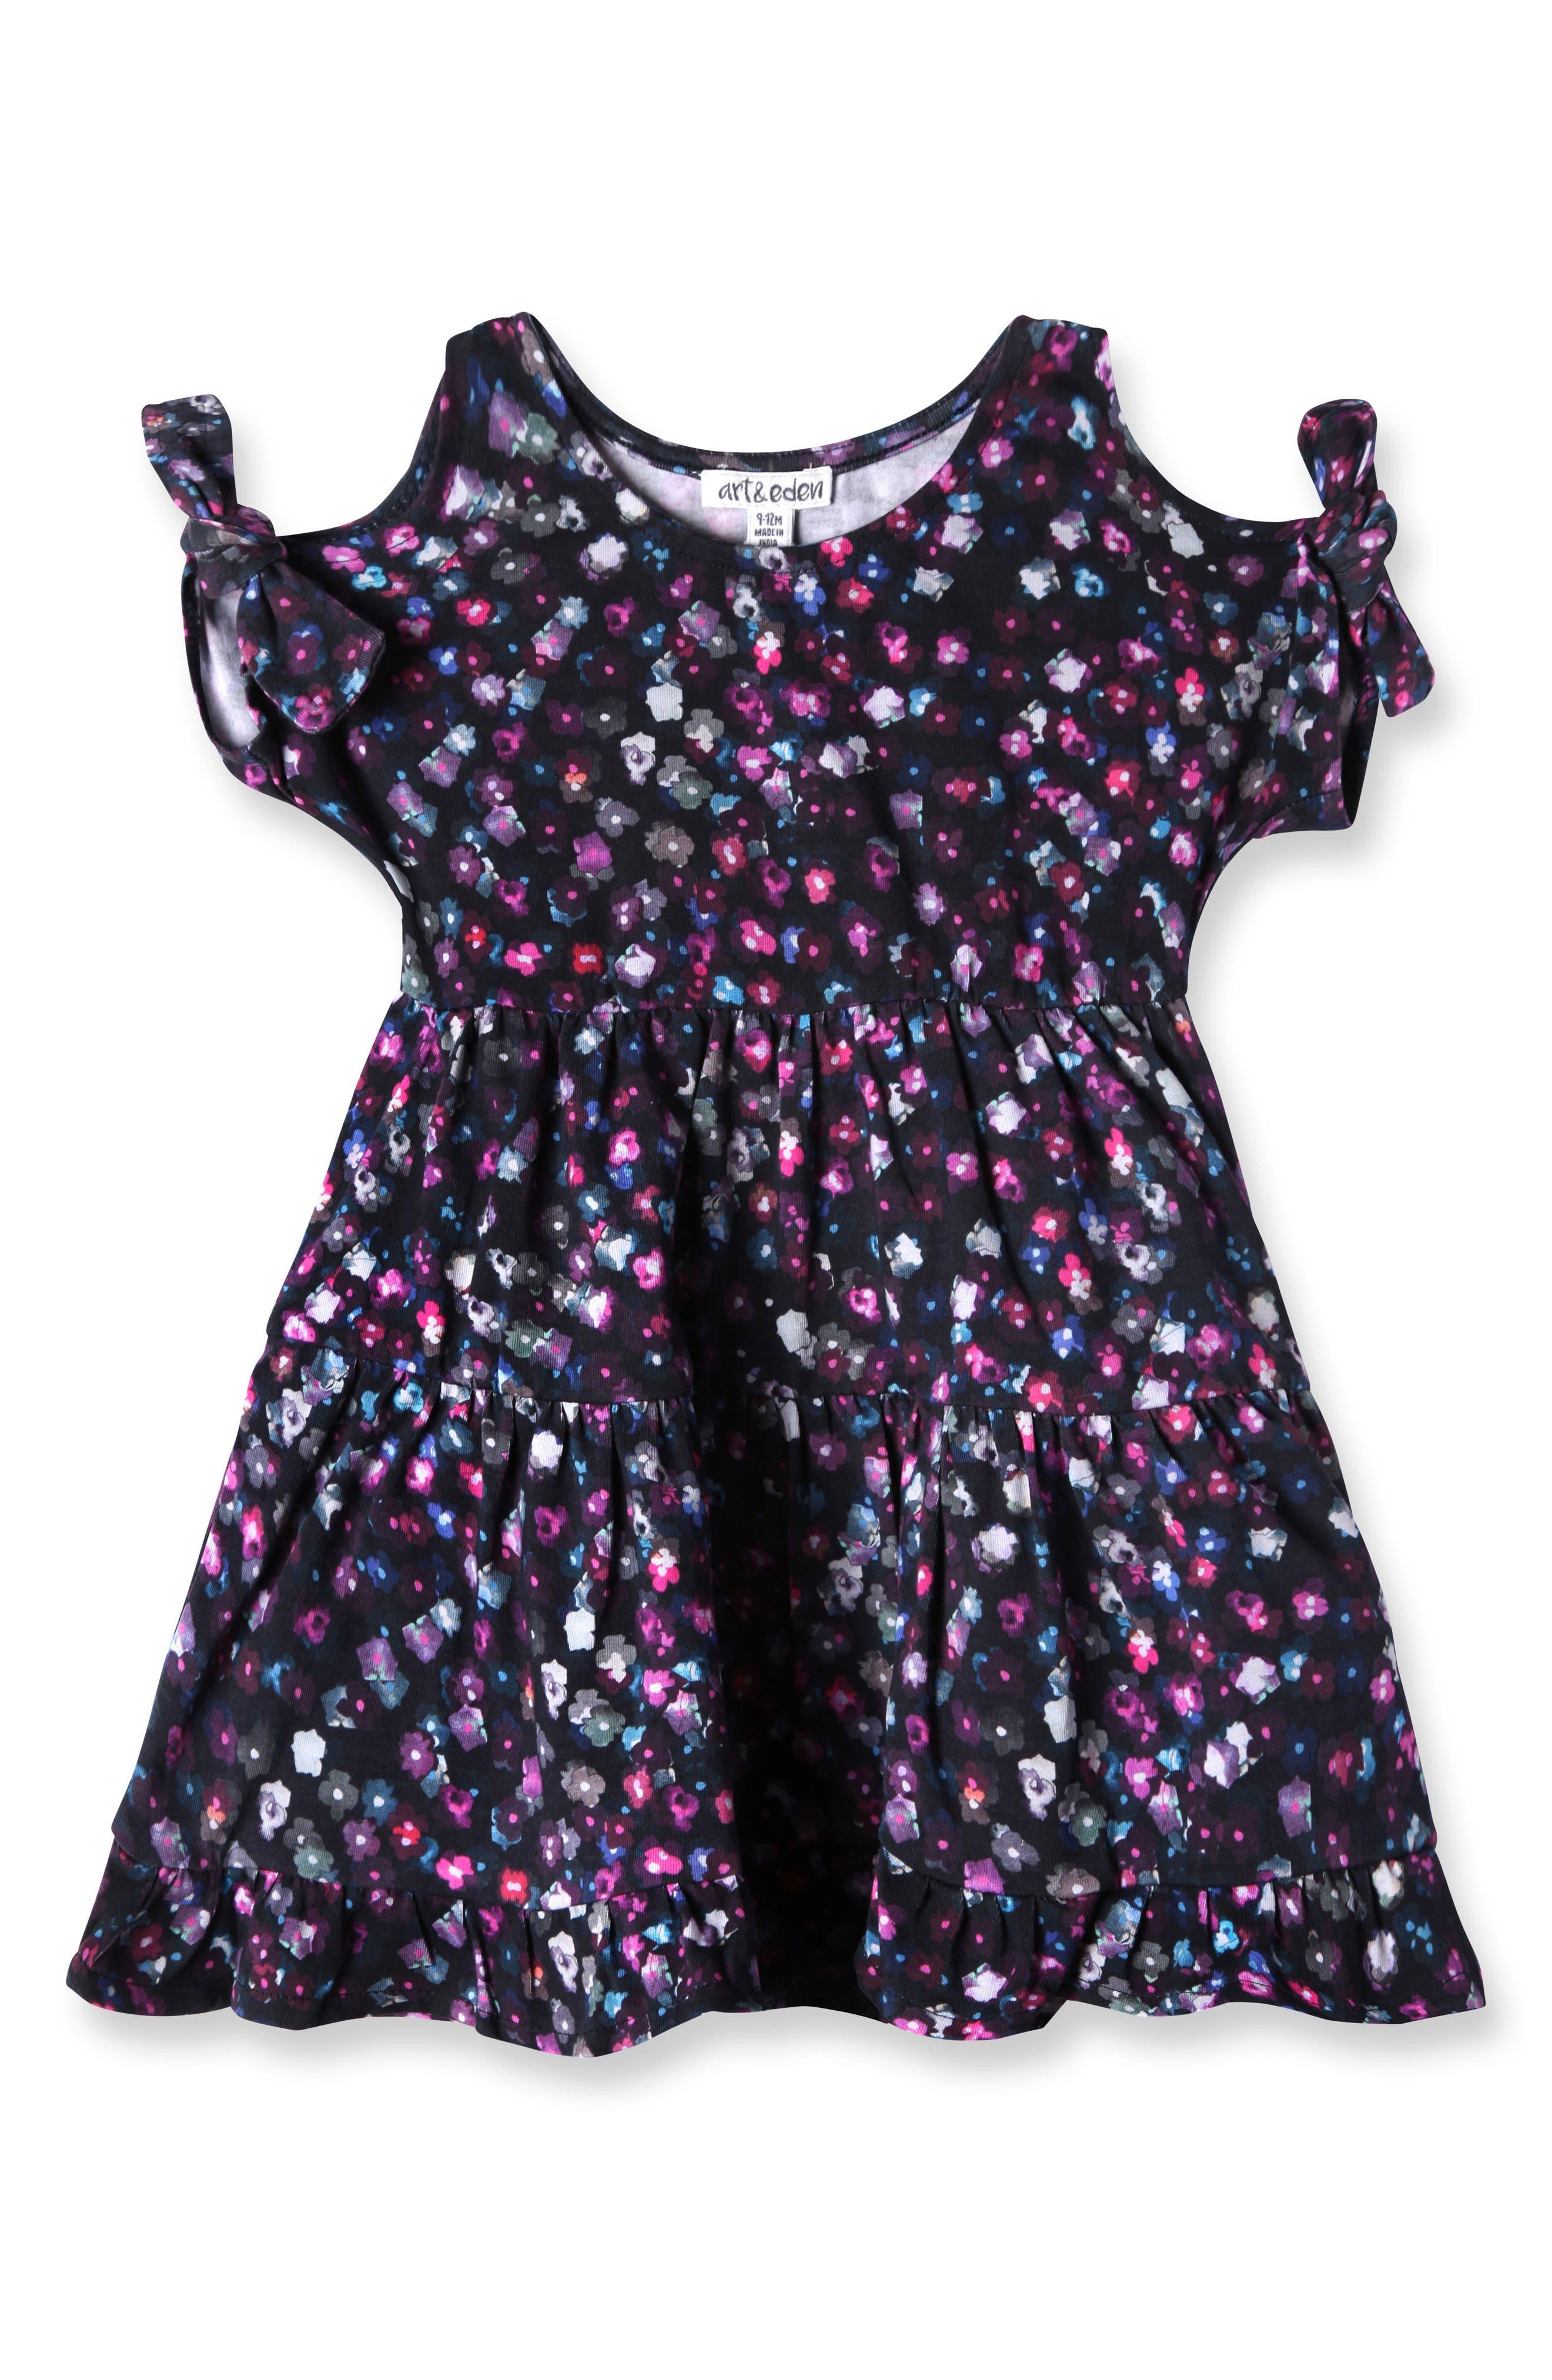 ART & EDEN Emma Cold Shoulder Dress